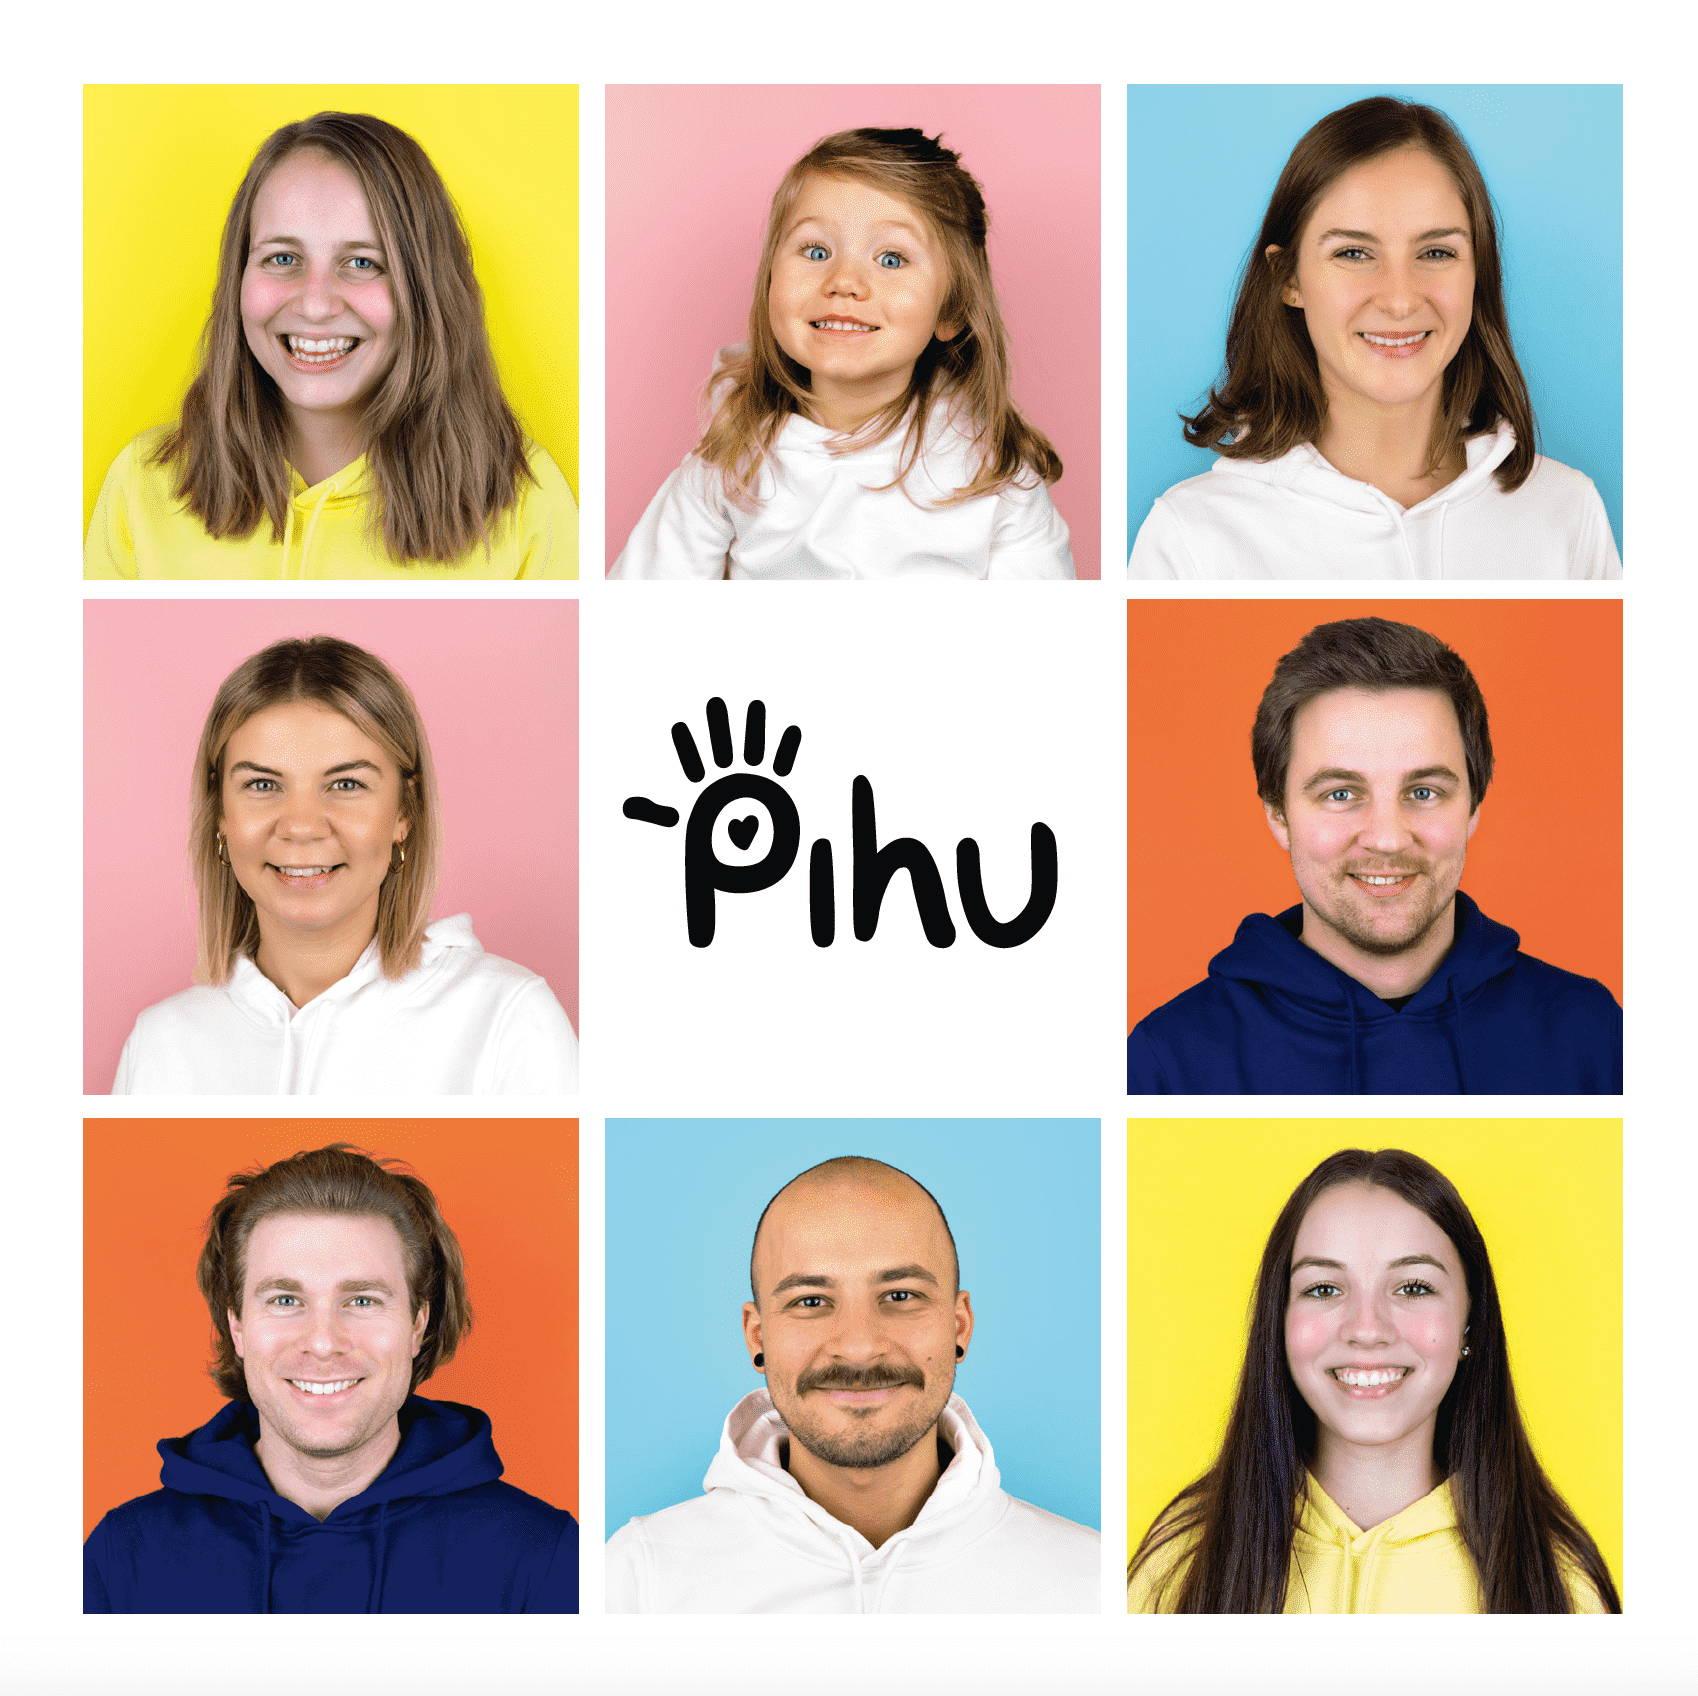 Das Team von Pihu in voller Pracht.